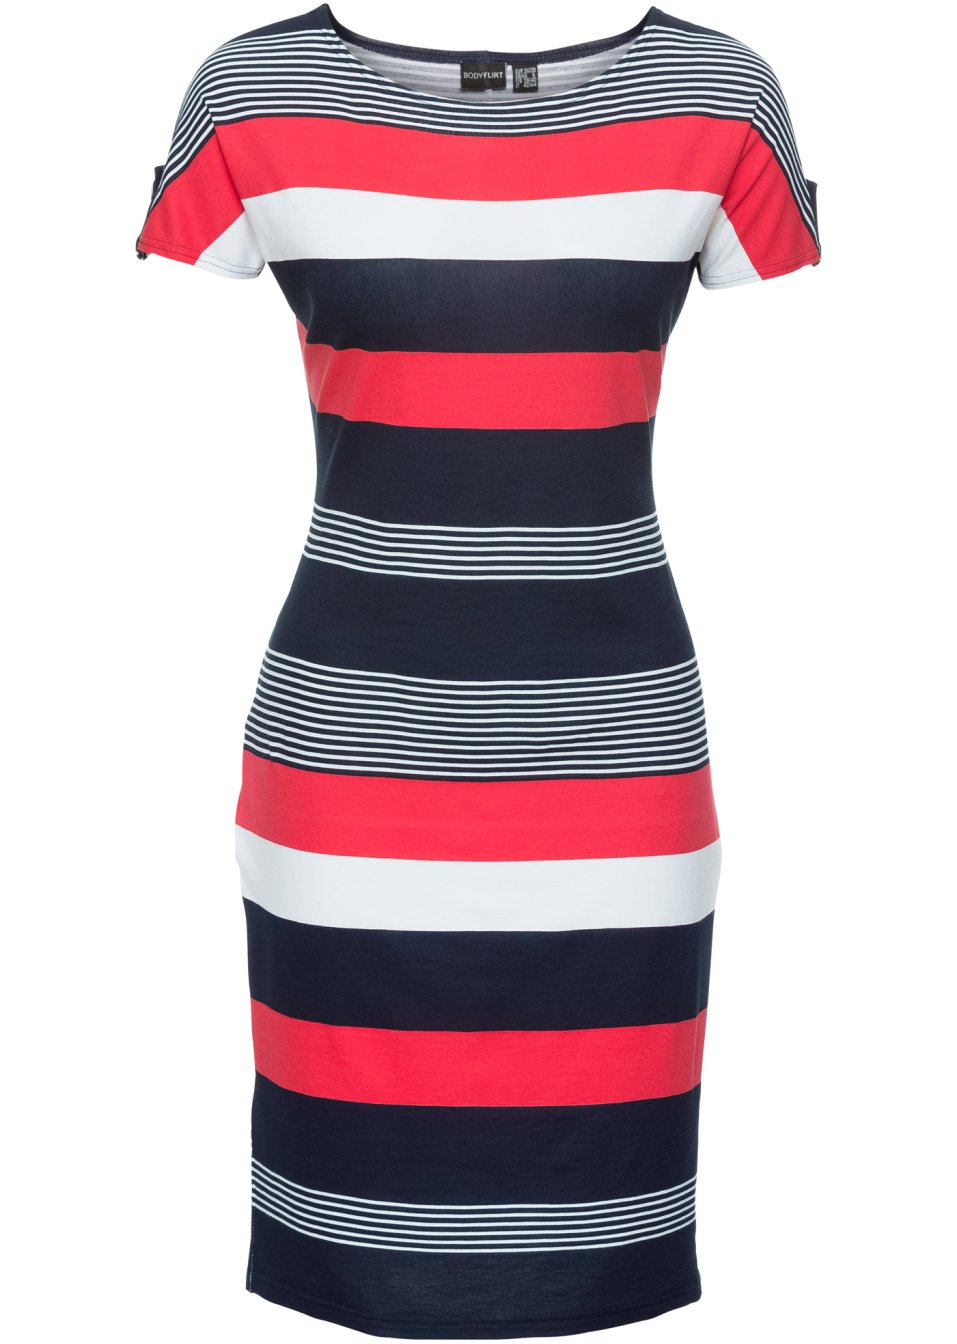 Kleid weiß/rot/marine gestreift - bonprix.at